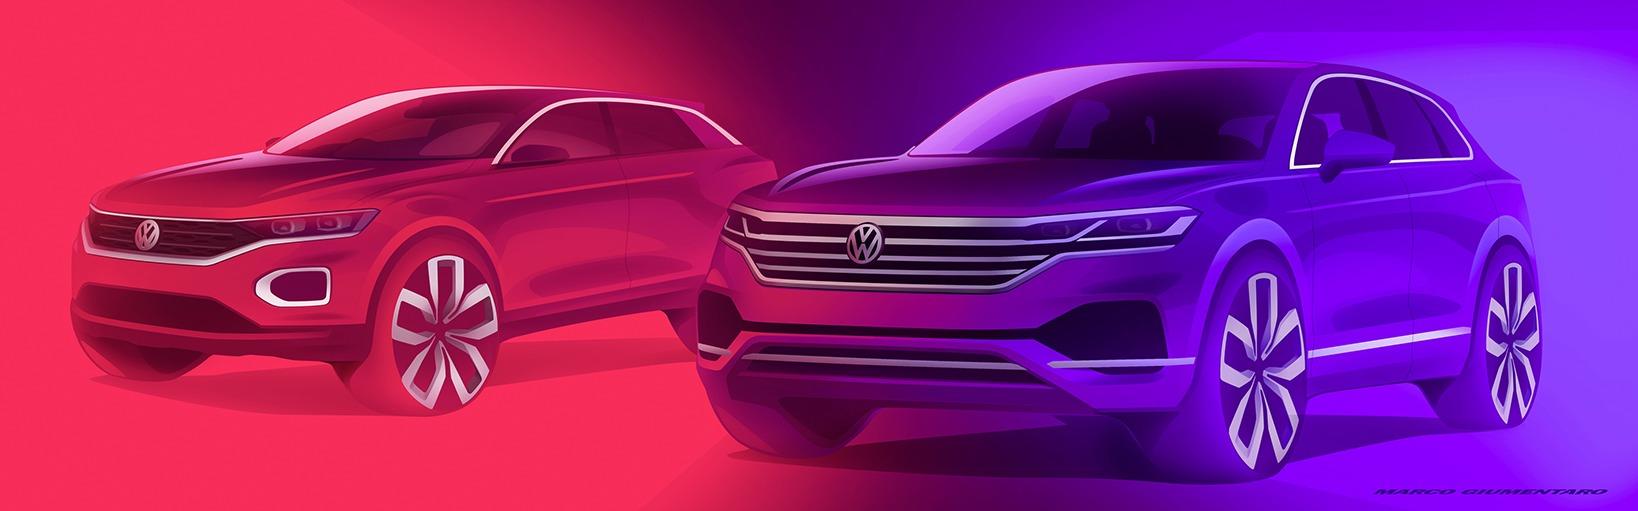 Volkswagen: Alemã indica América do Sul como foco de crescimento da categoria, e afirma que haverão 30 modelos de SUVs da Volkswagen até 2025, em todo o mundo.